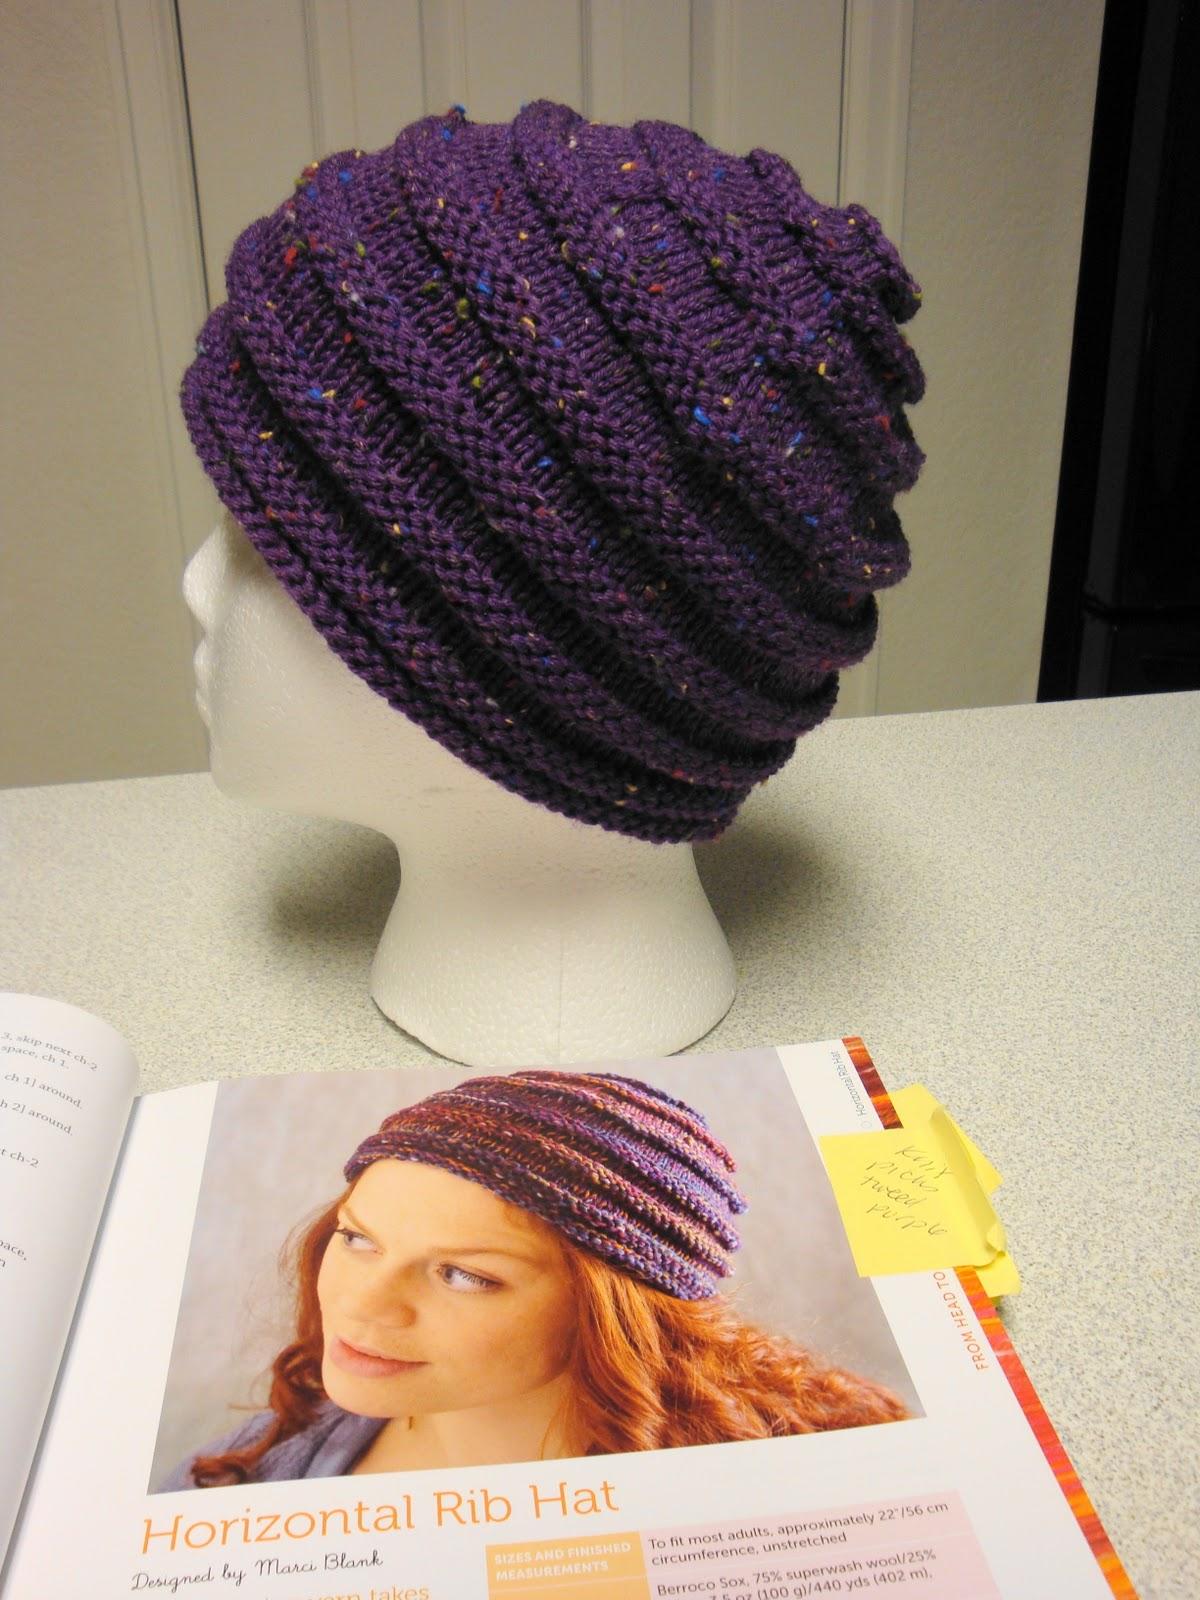 Wonder Knit Self Patterning Wool : Kims Knitting Korner: Horizontal Rib Hat: One-Skein Wonder Project #3